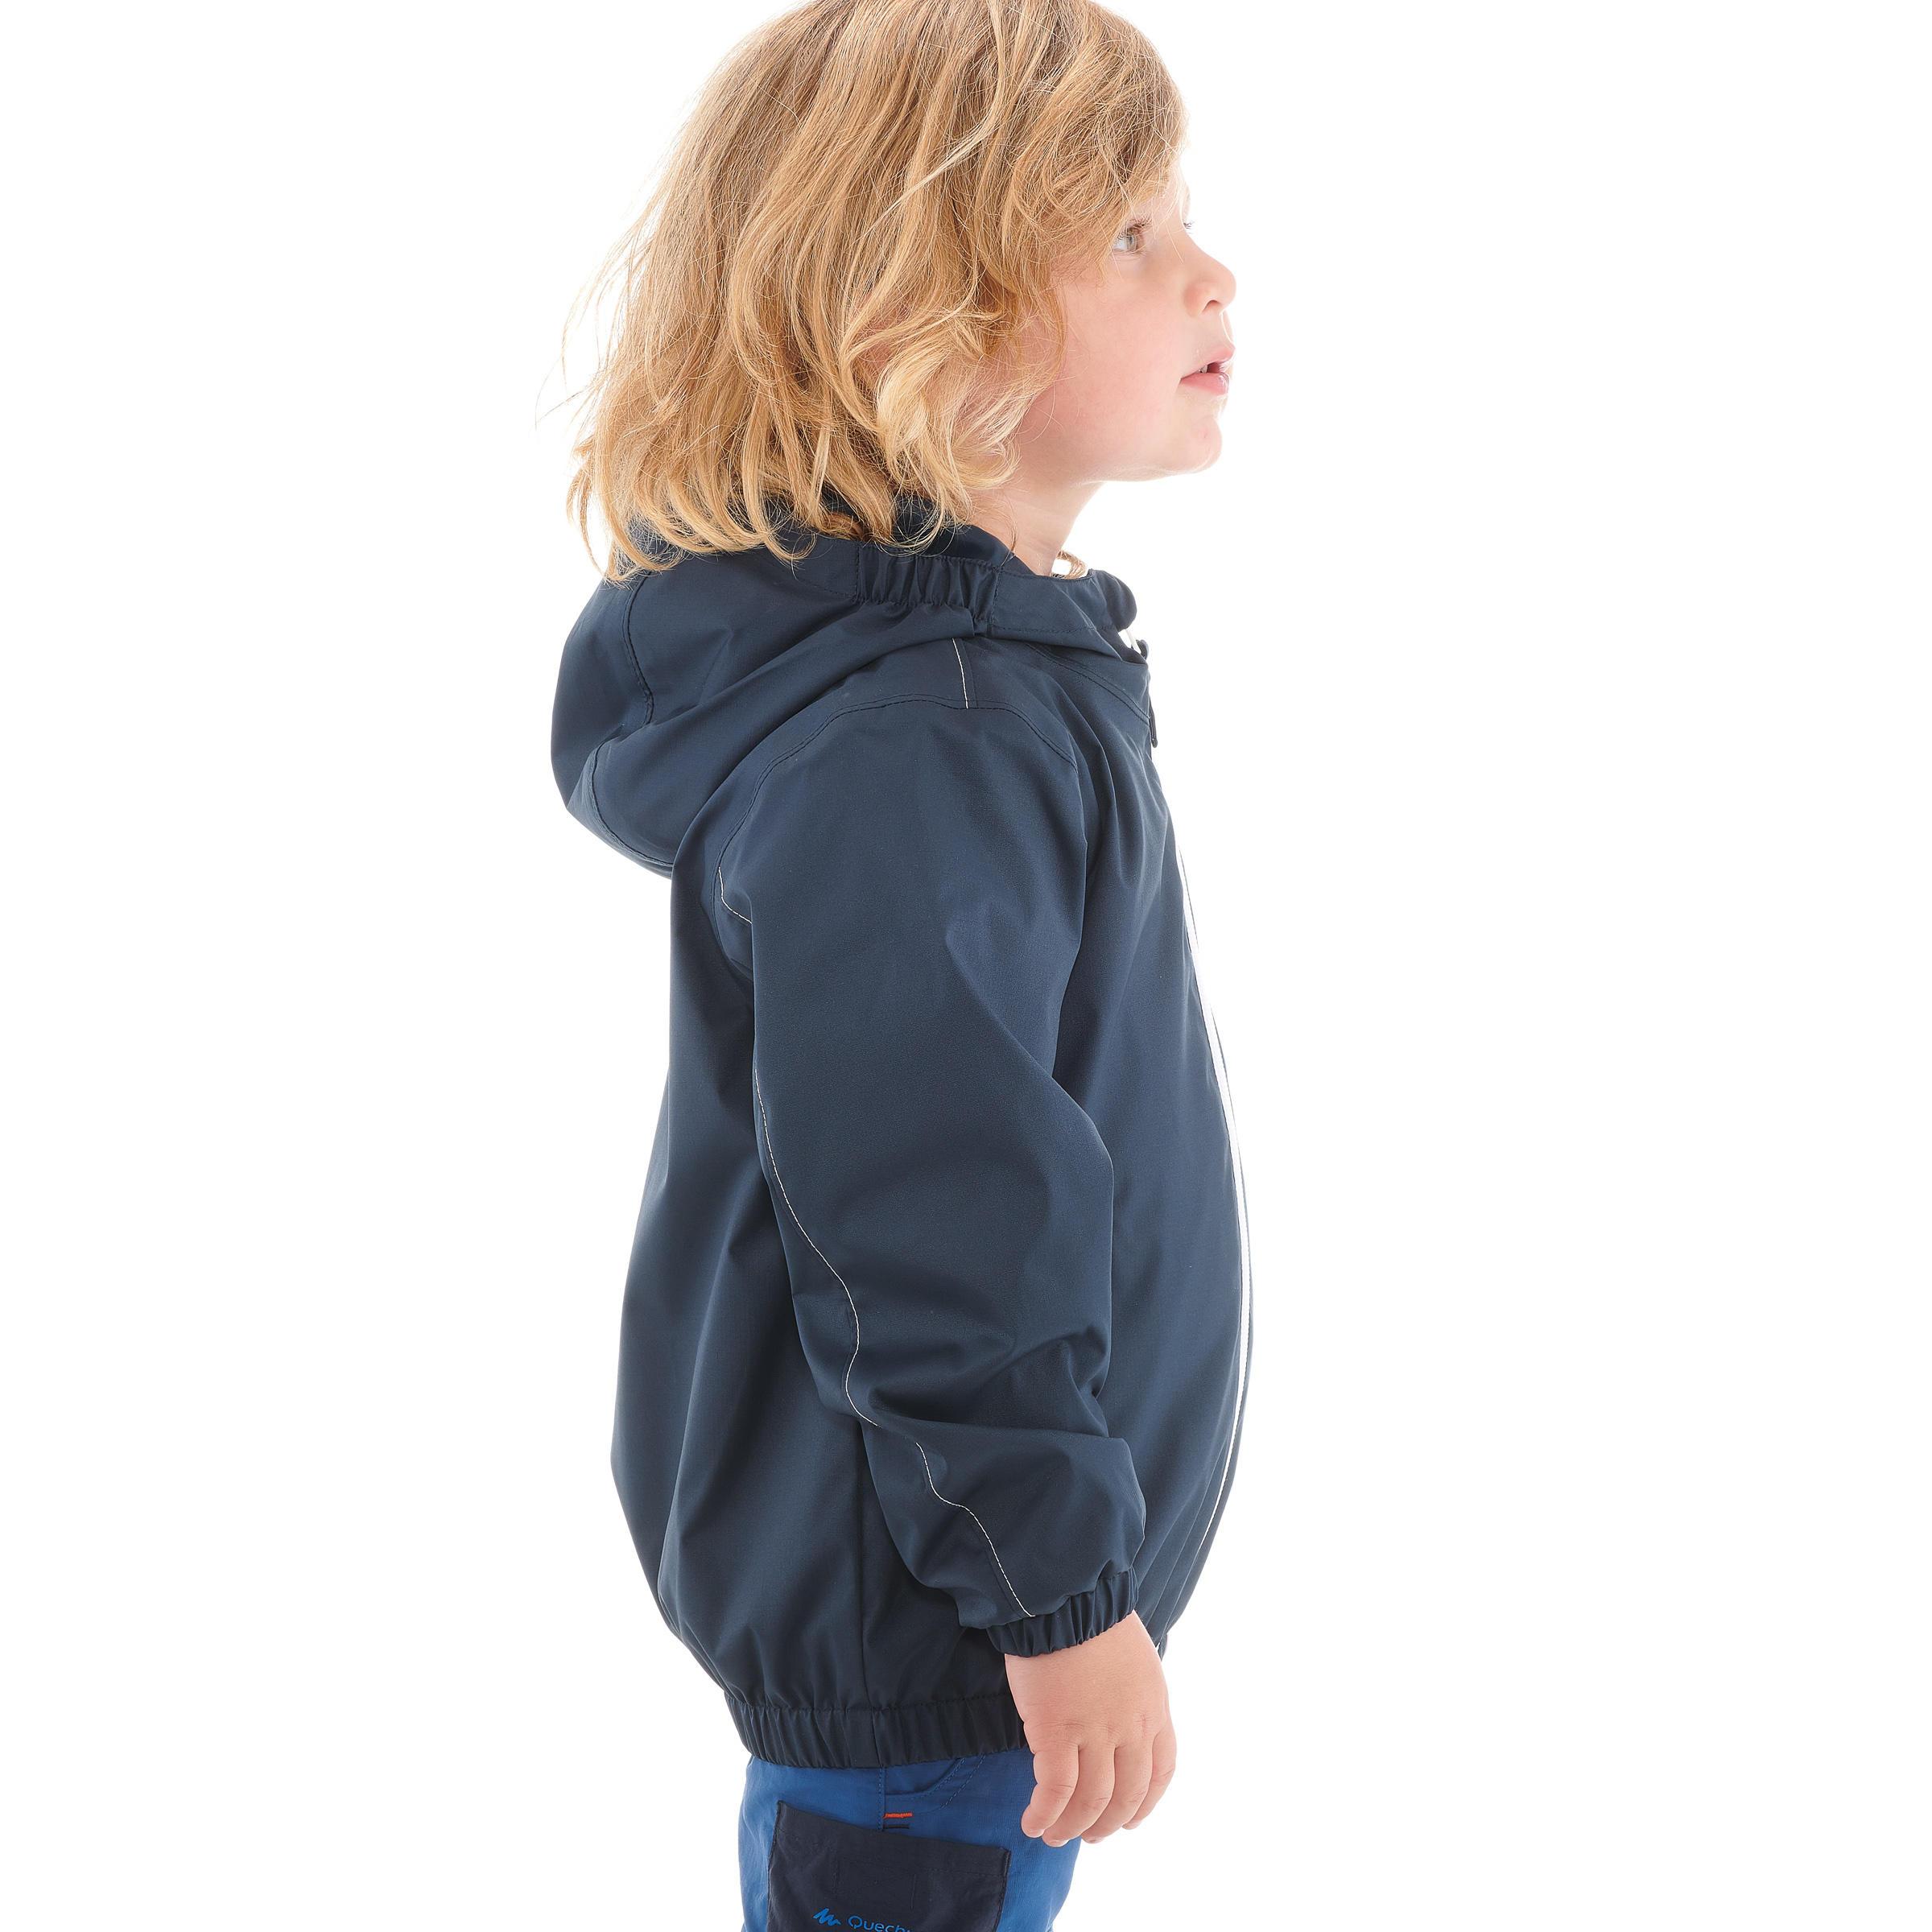 Veste imperméable de randonnée enfant garçon RANDONNÉE 500 marine